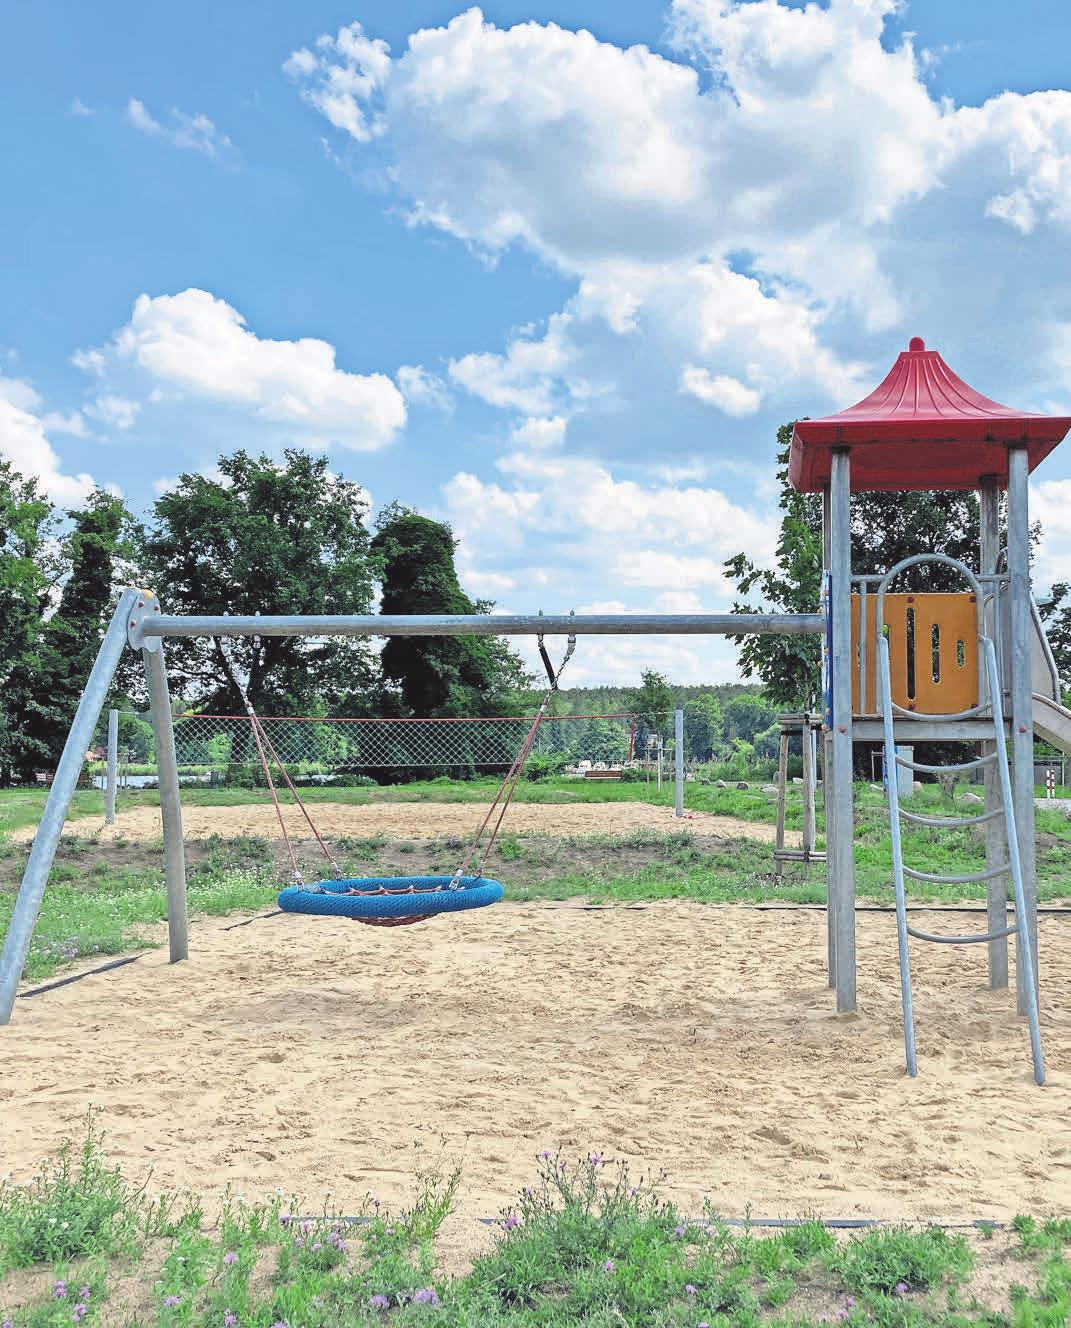 Mit Blick auf den Wasserturm und den Krüpelsee kann auf dem Spielplatz in Zernsdorf getobt werden.